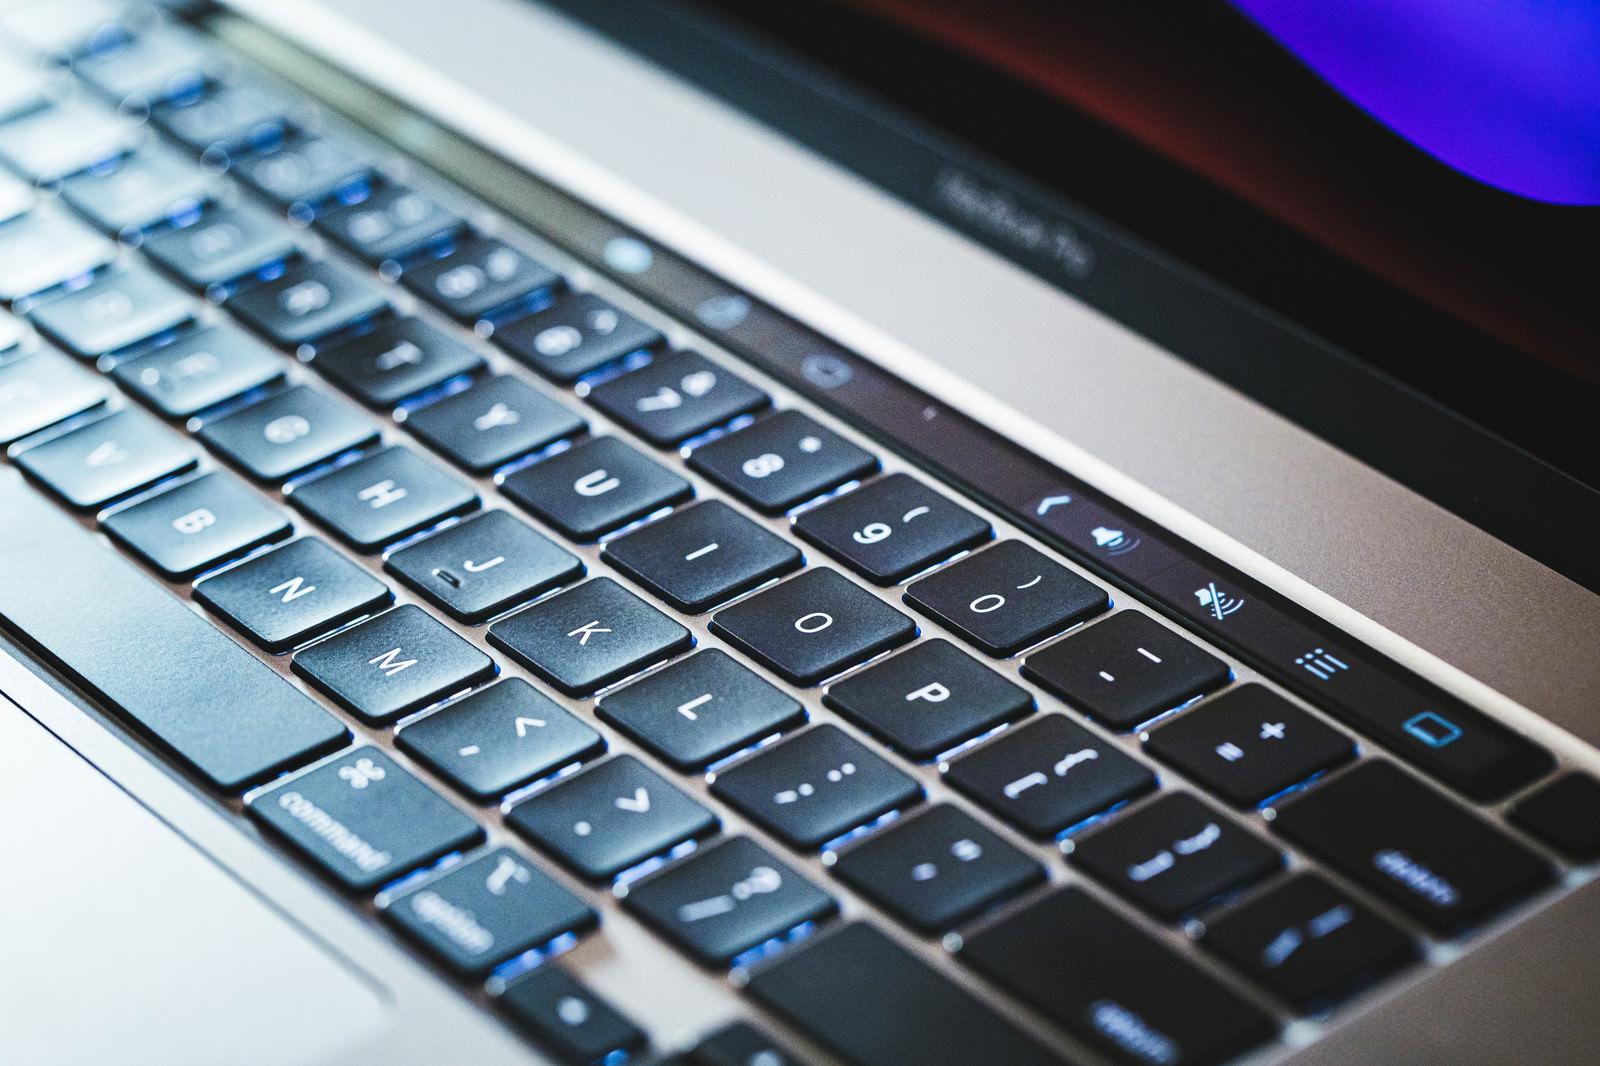 「照明が当たるキーボード」の写真